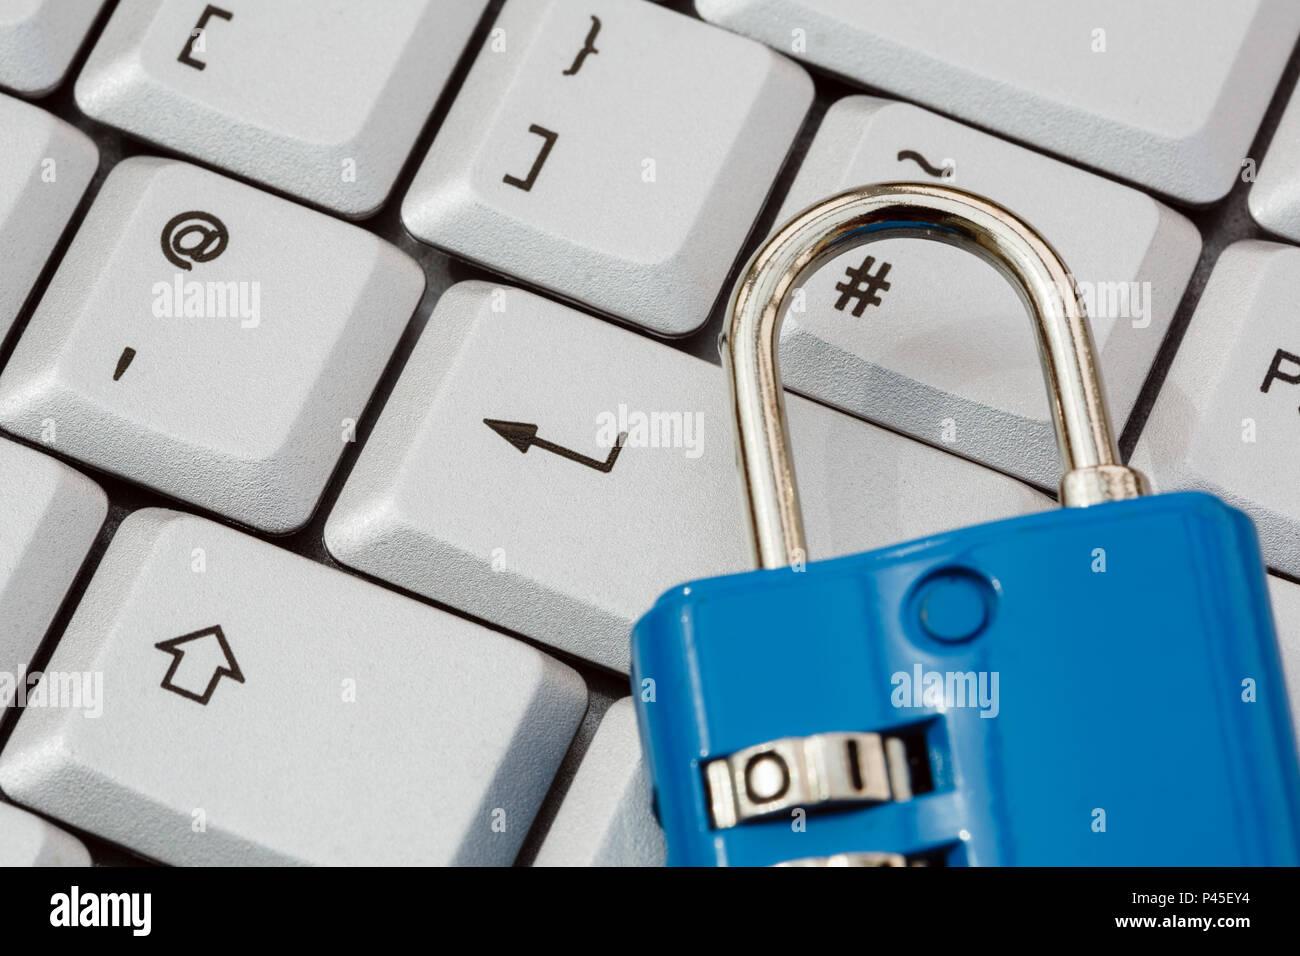 Eine Tastatur mit Key eingeben und ein Vorhängeschloss online Cyber Security und Datenschutz BIPR Konzept zu veranschaulichen. England Großbritannien Großbritannien EU Stockbild